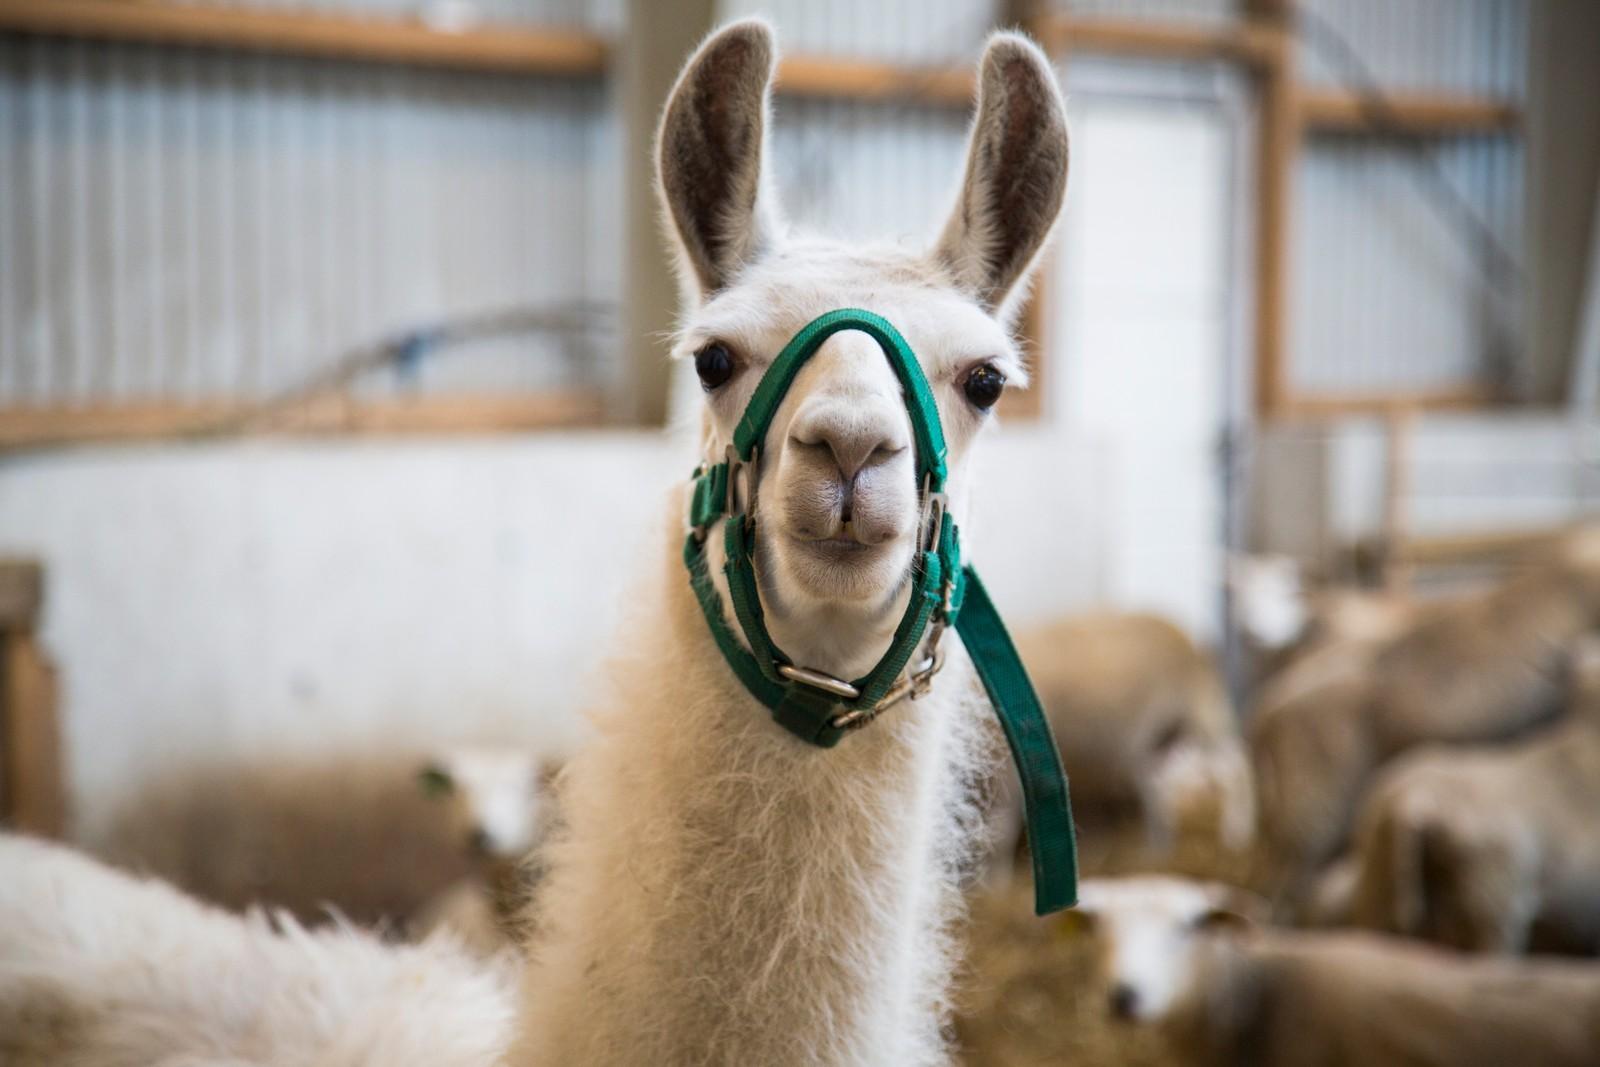 Lamaen Happy går saman med saueflokken, hans einaste funksjon er å spreia glede, seier bonde Kjell Ove Viste.